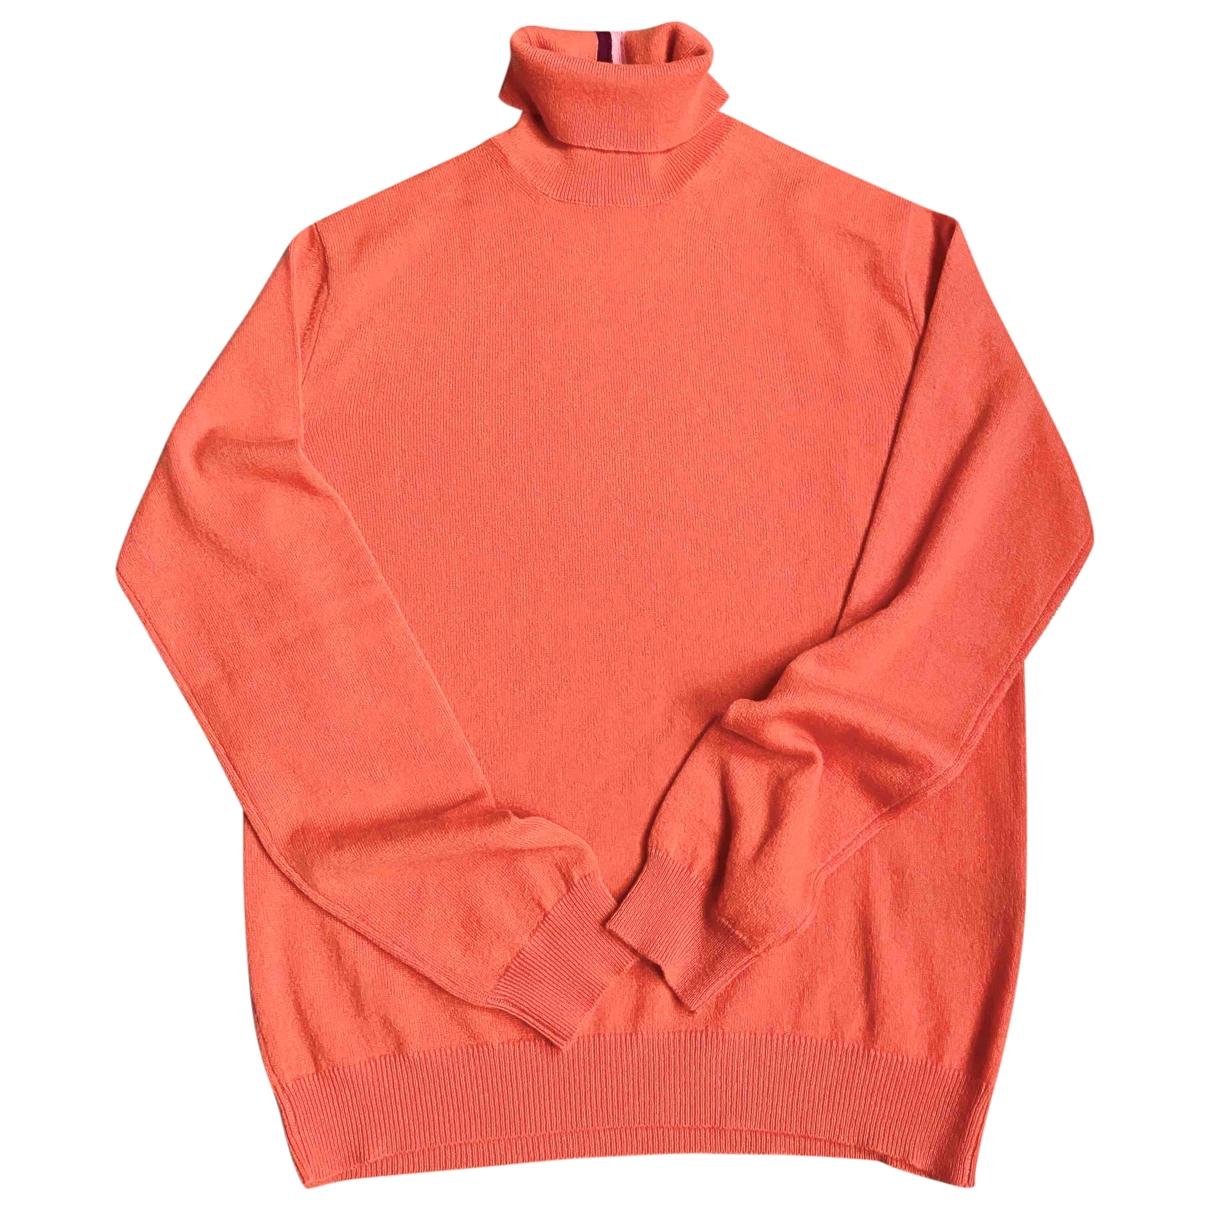 Paul Smith - Pull   pour femme en cachemire - orange